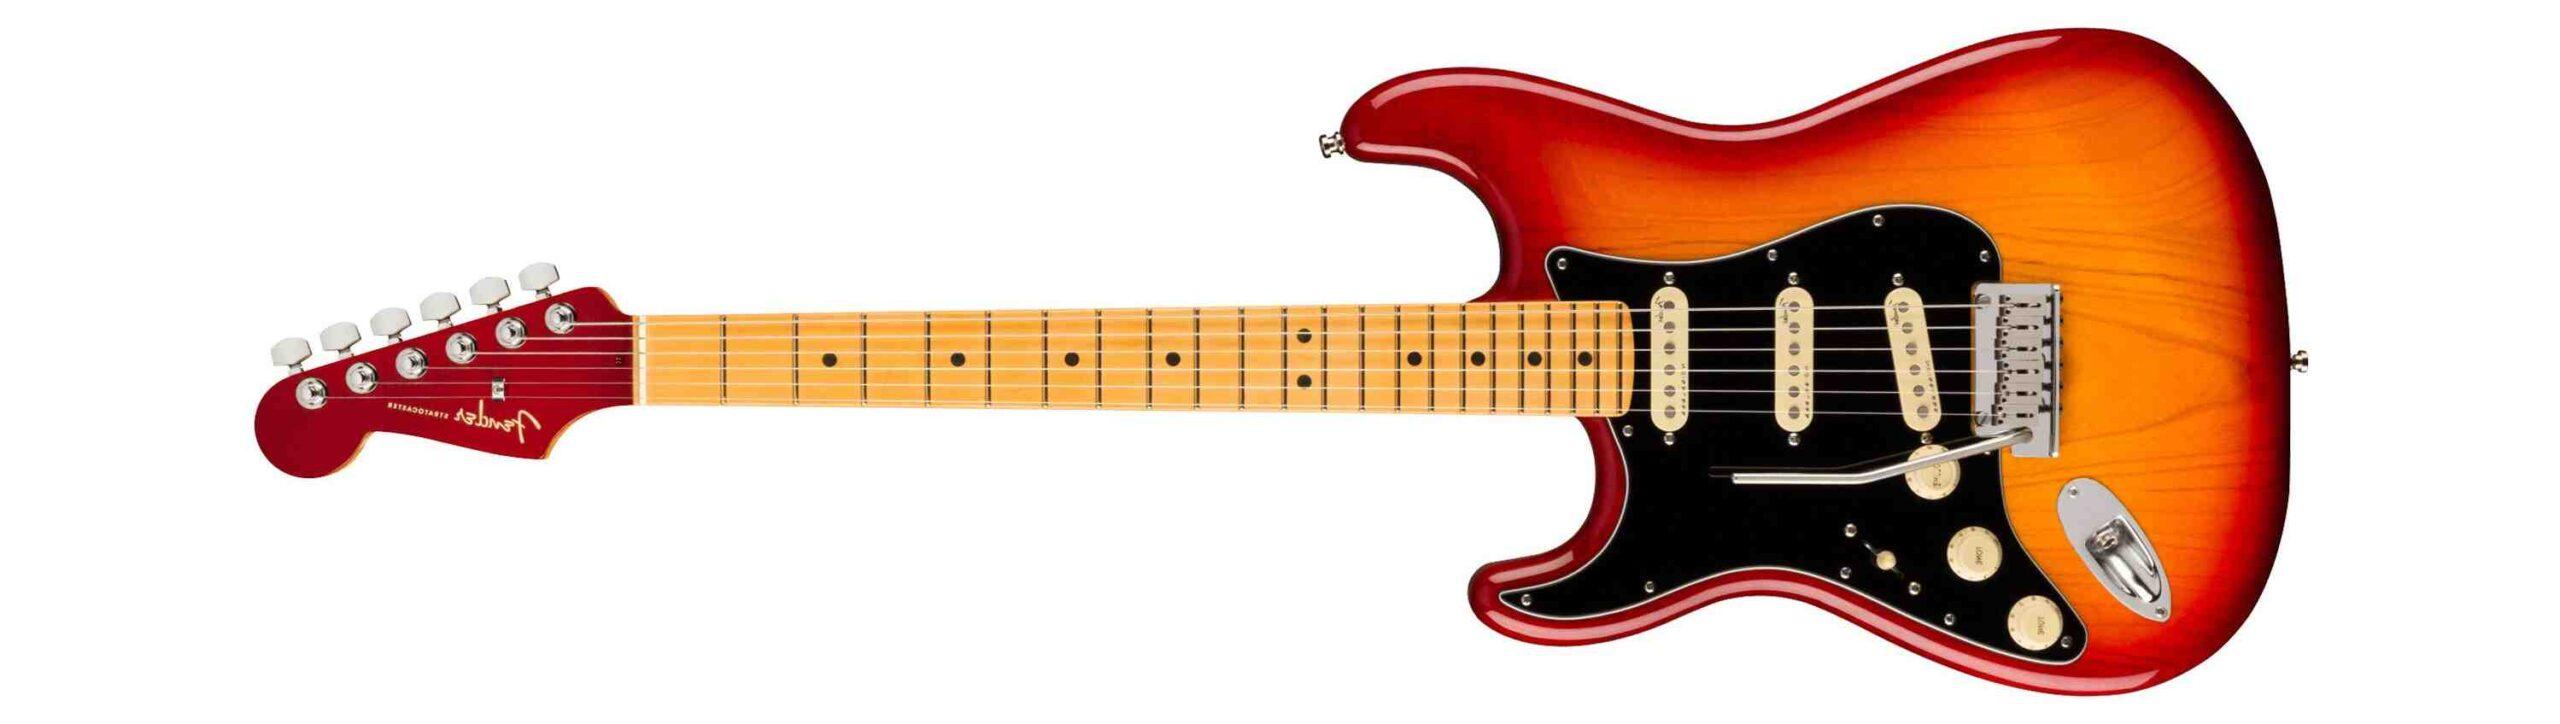 Quelle guitare type Stratocaster ?